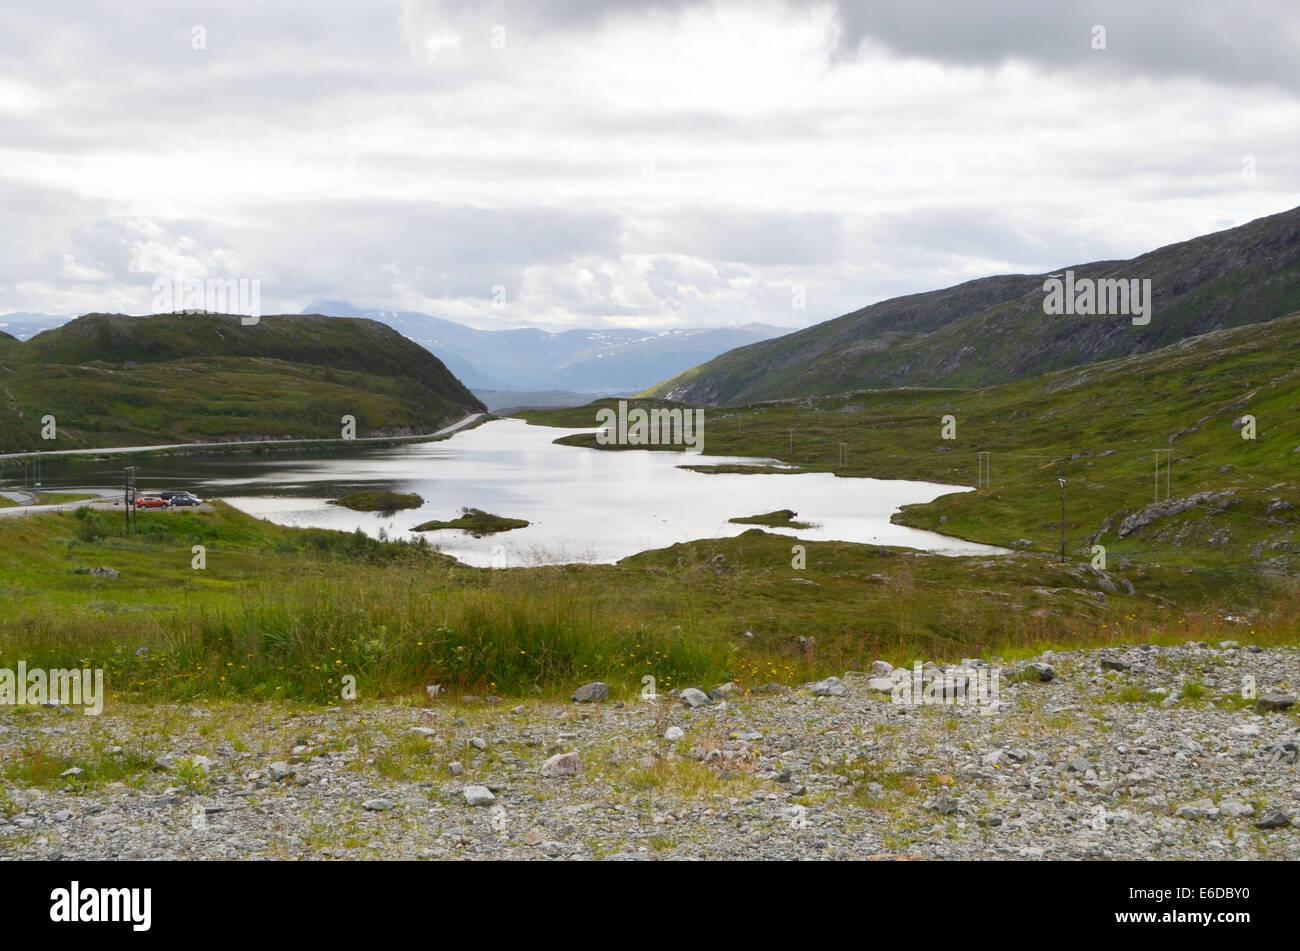 Las colinas y la campiña alrededor de Tromso. Lo que parece un lago grande es realmente el mar. Foto de stock